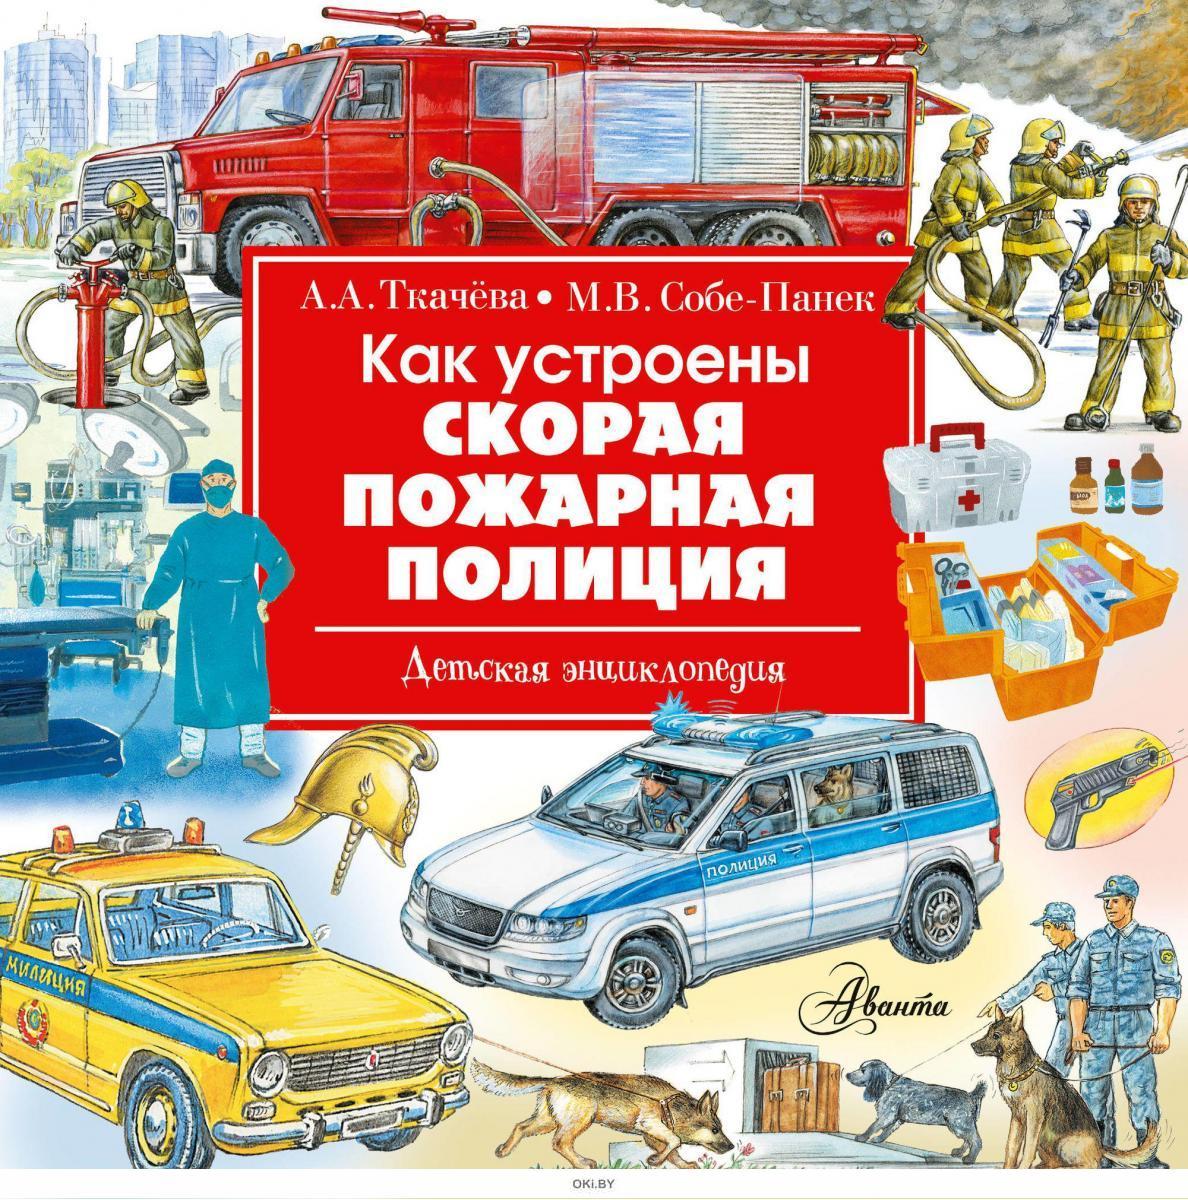 Как устроены скорая, пожарная, полиция (eks)